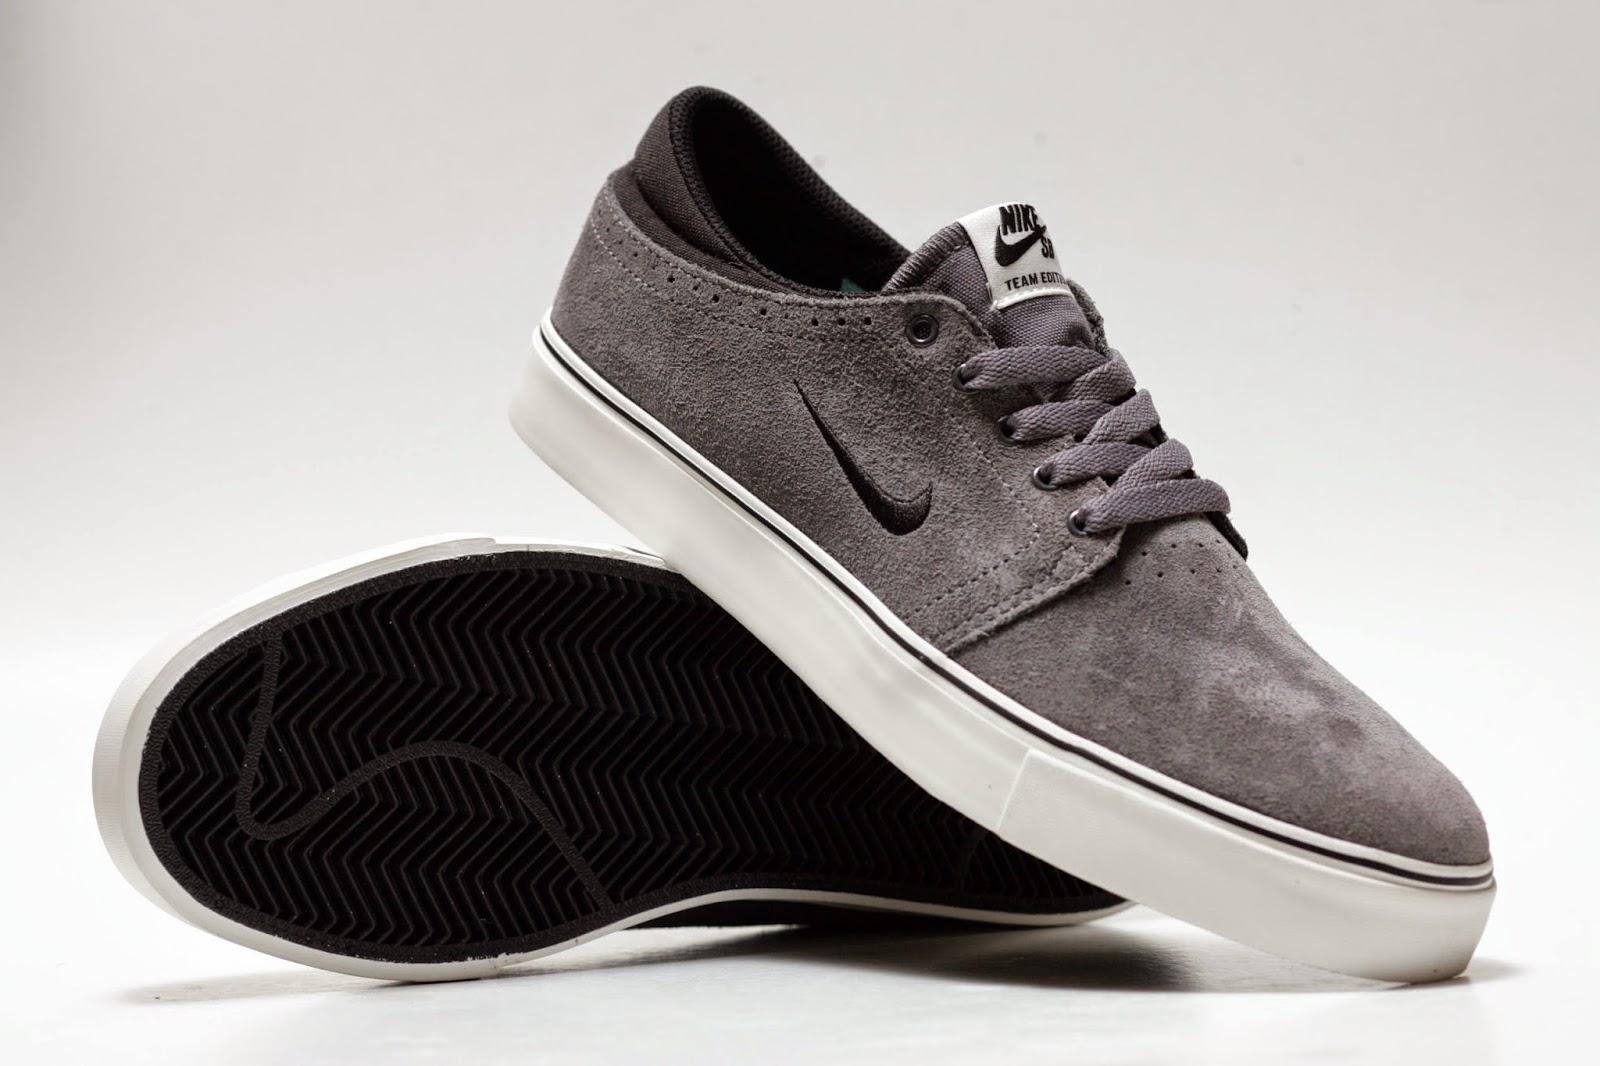 bd4e80bbd86 zapatillas urbanas adidas hombre